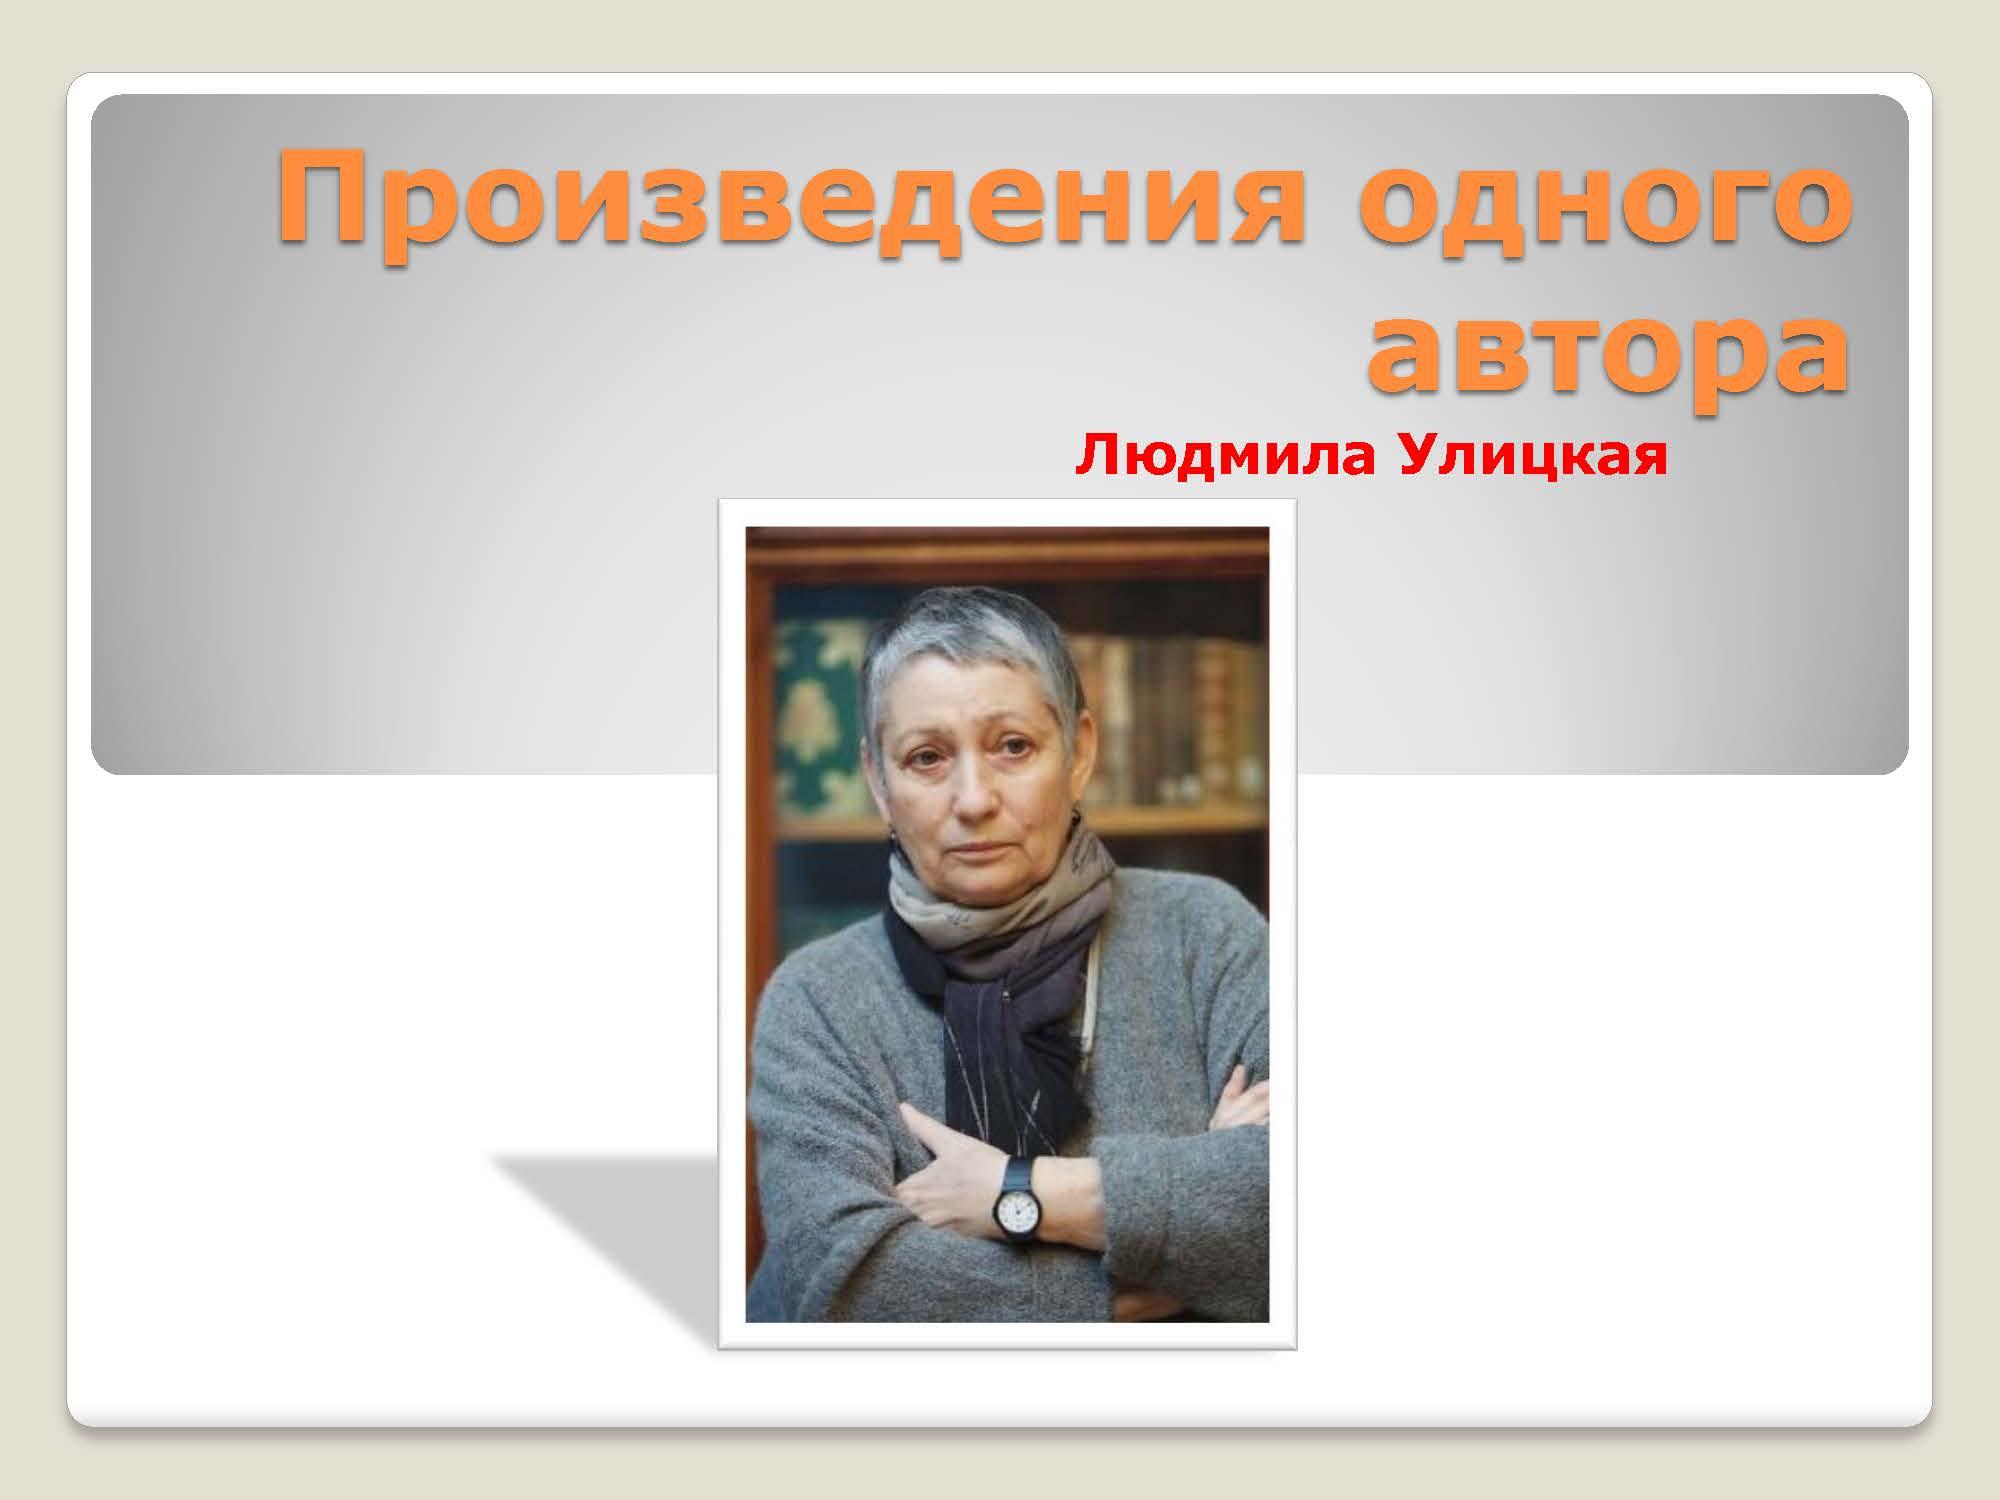 Произведения одного автора (Улицкая)_Страница_01